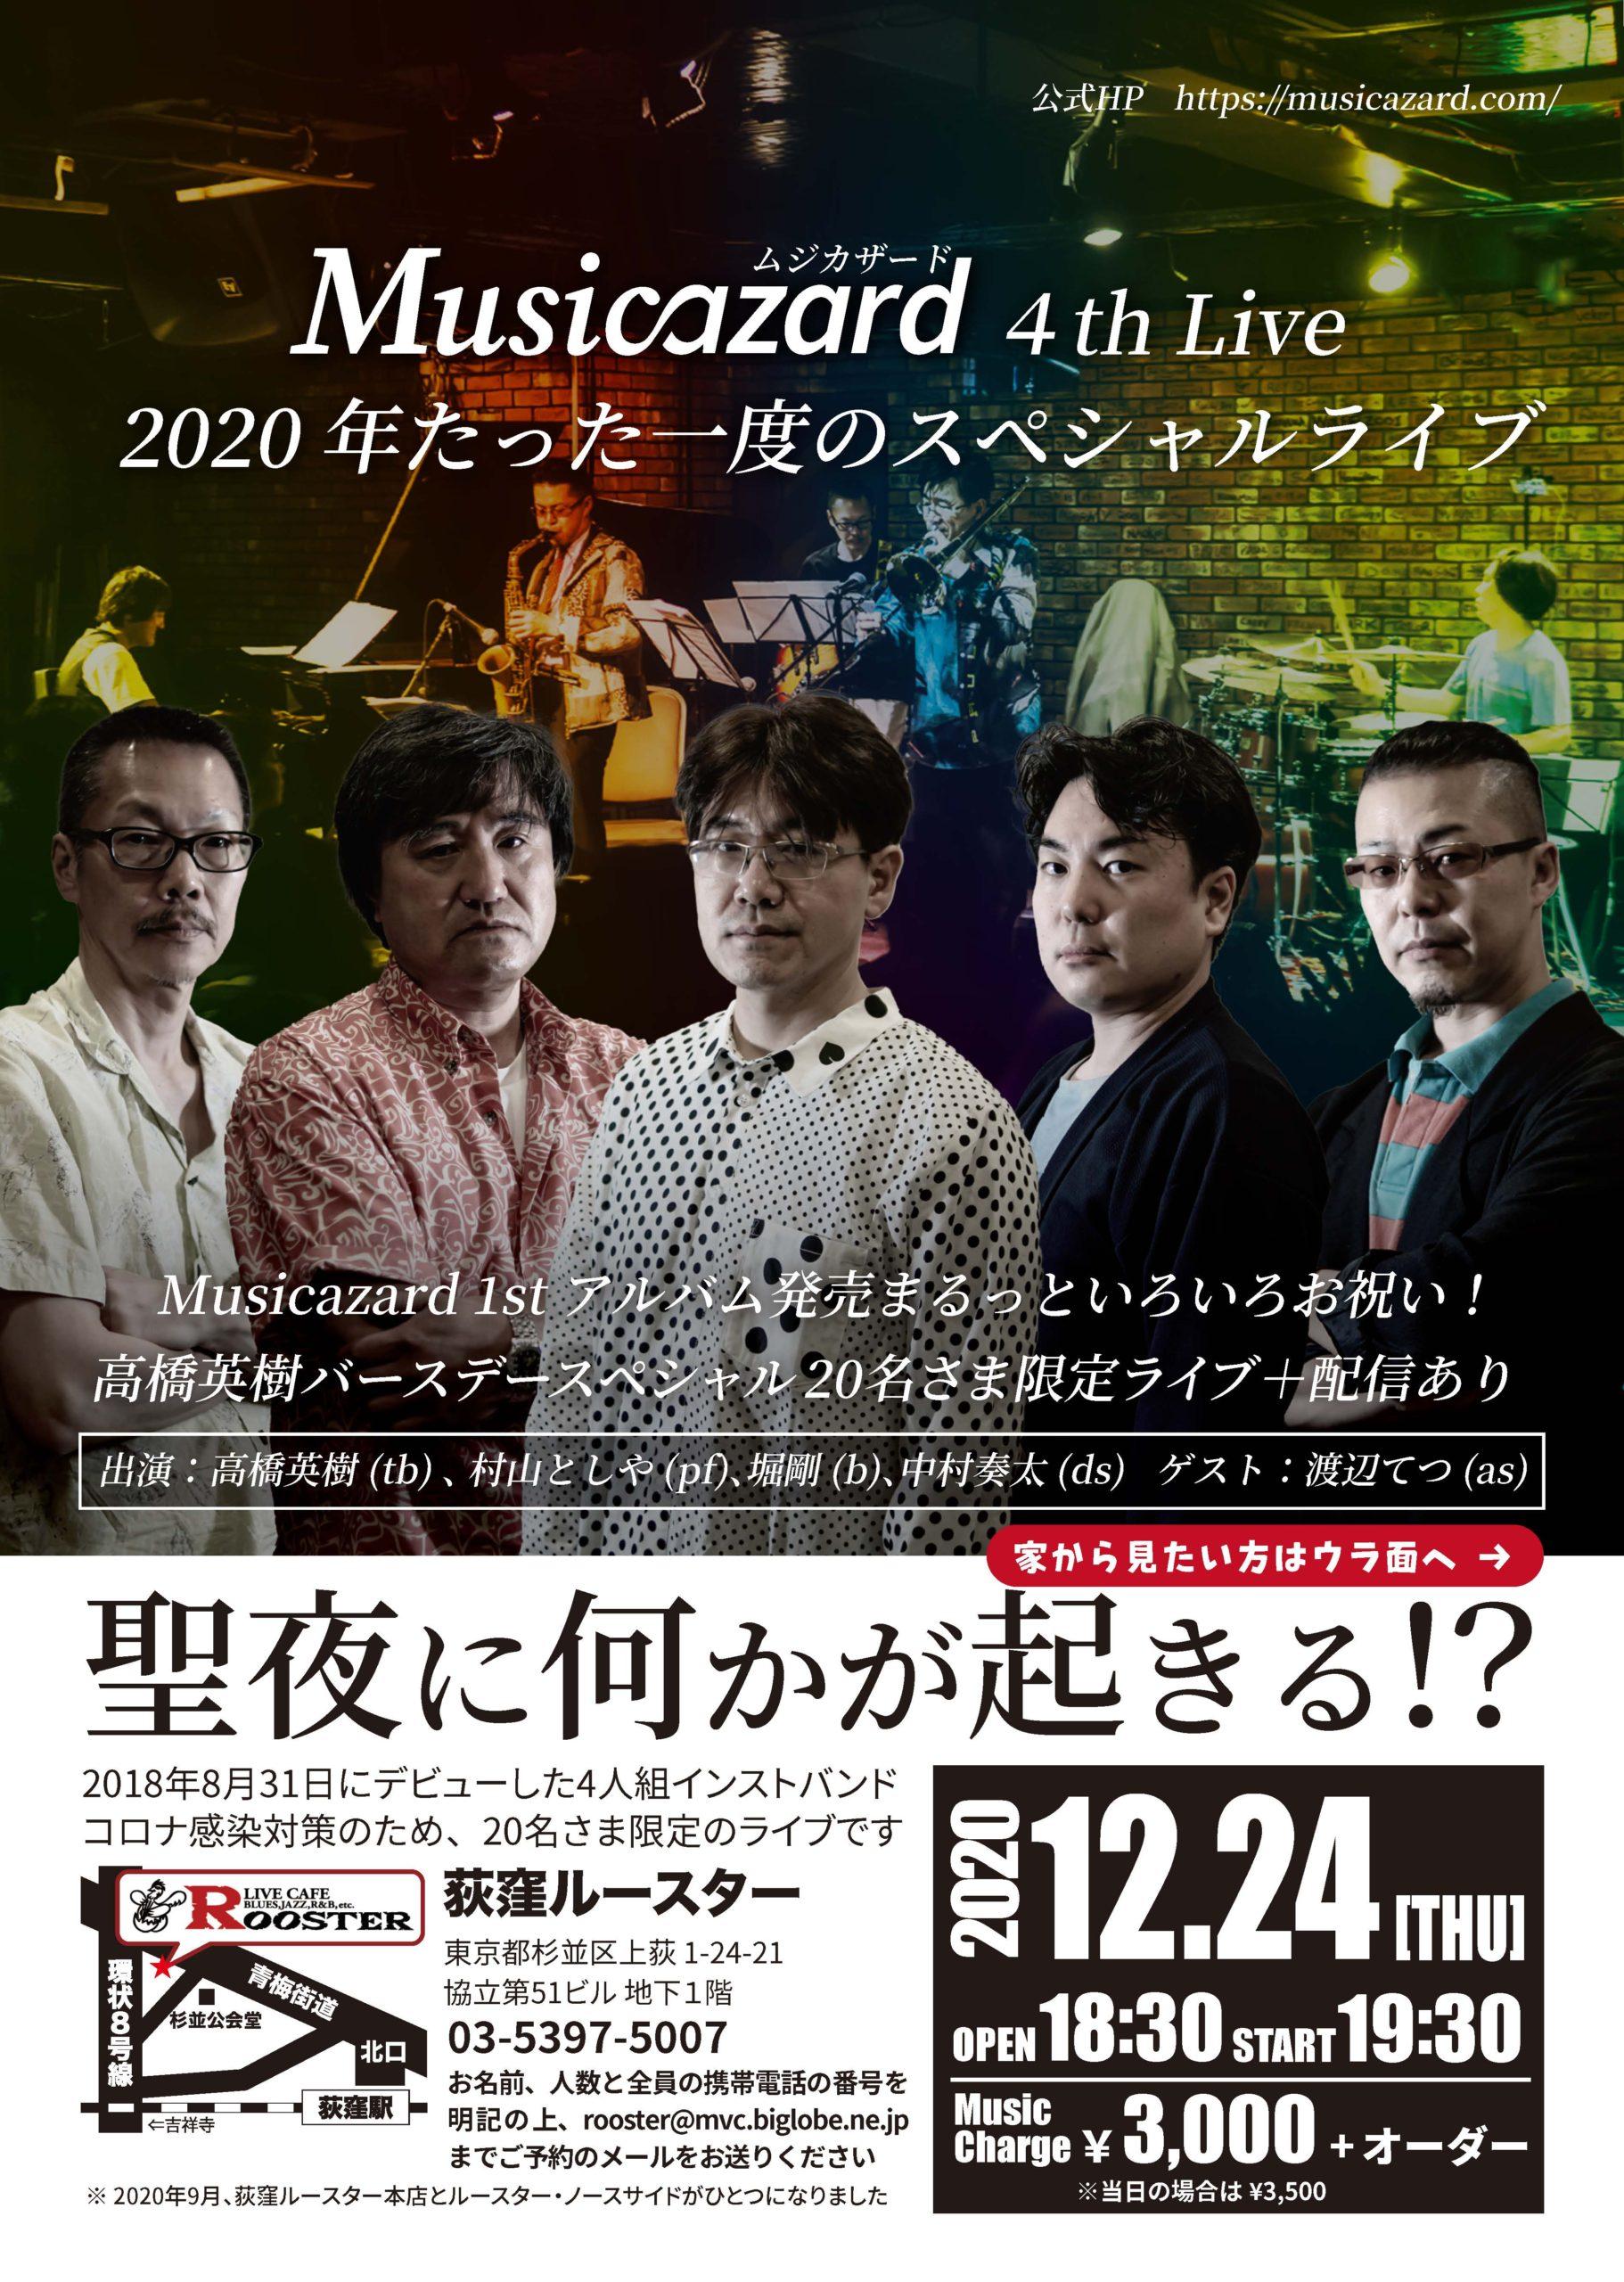 Musicazard 4thライブ 2020/12/24